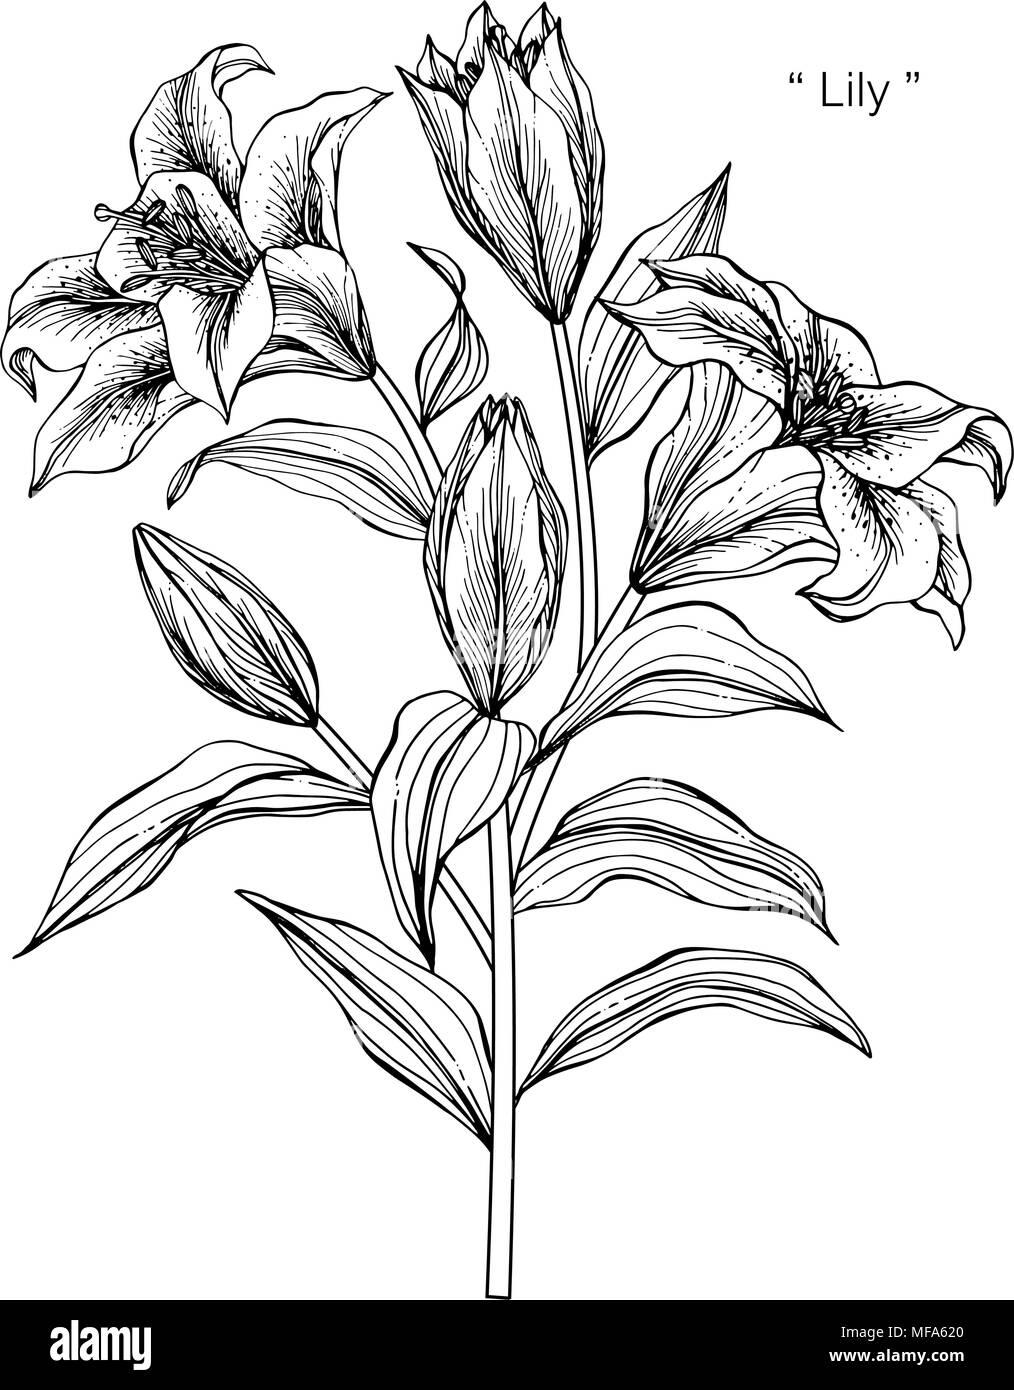 Illustration Dessin Fleur De Lys Noir Et Blanc Avec Dessin